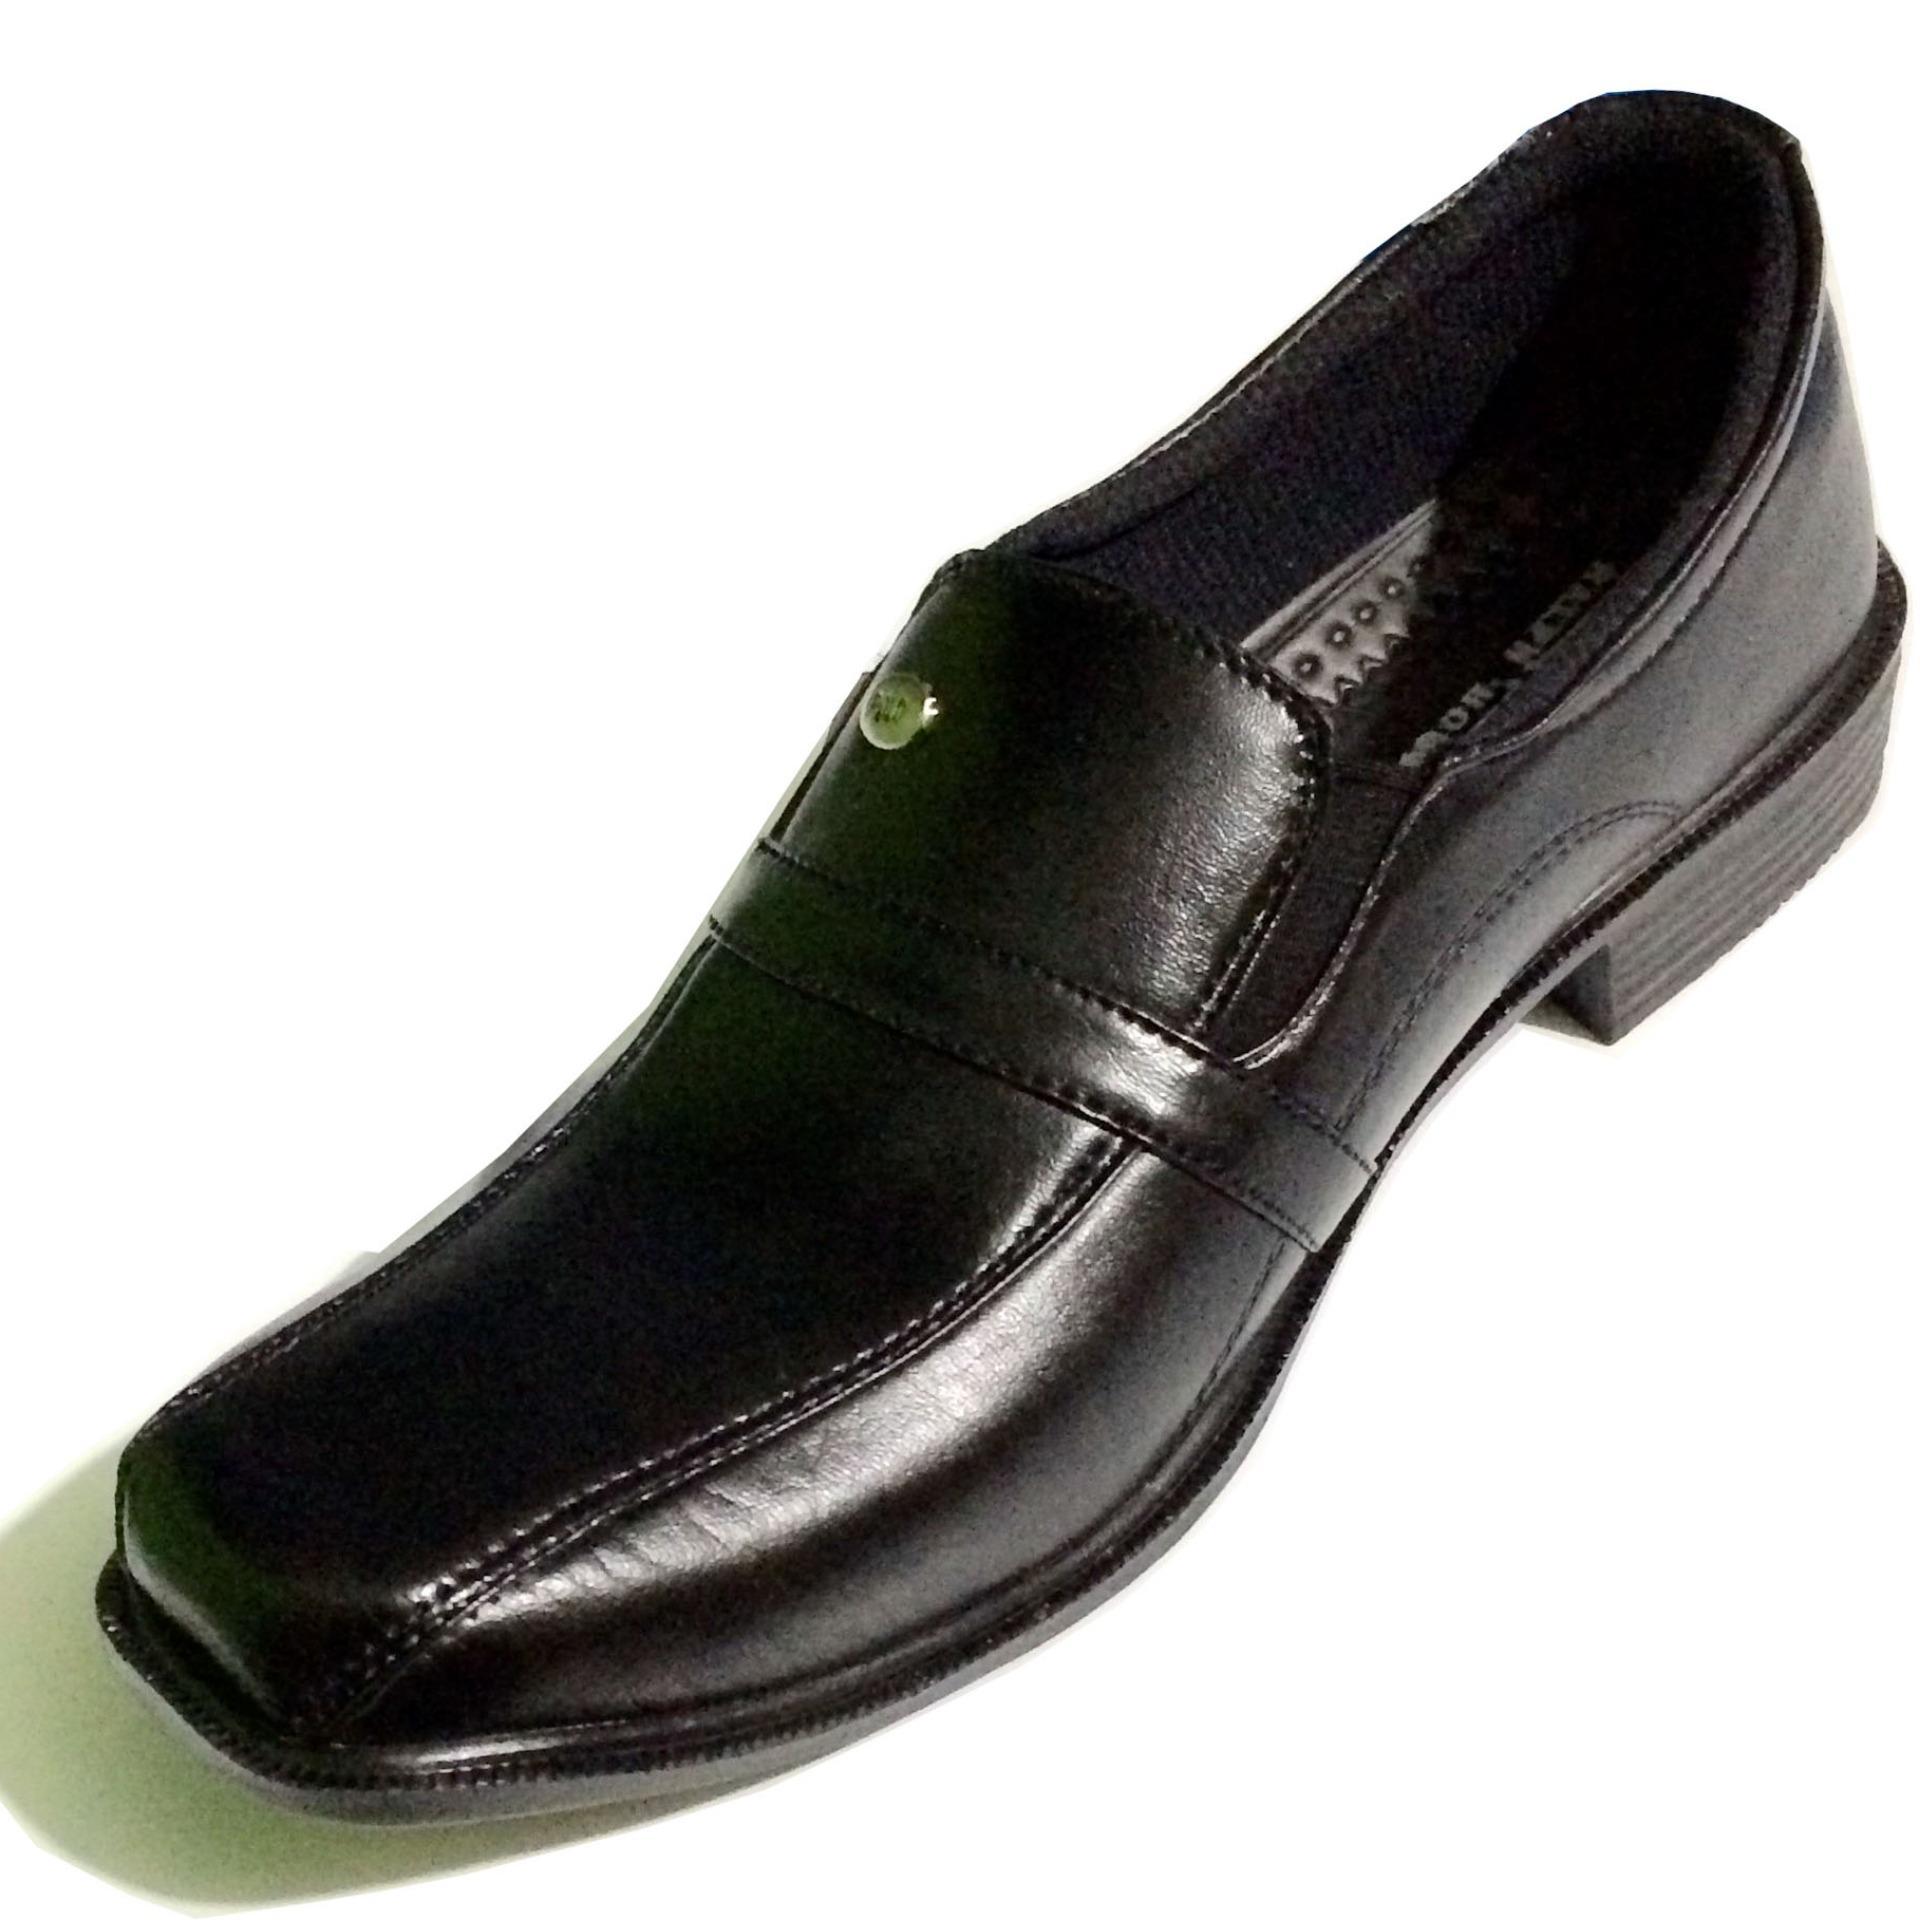 EWN Sepatu Formal Pantofel Pria / Sepatu Kerja Pria